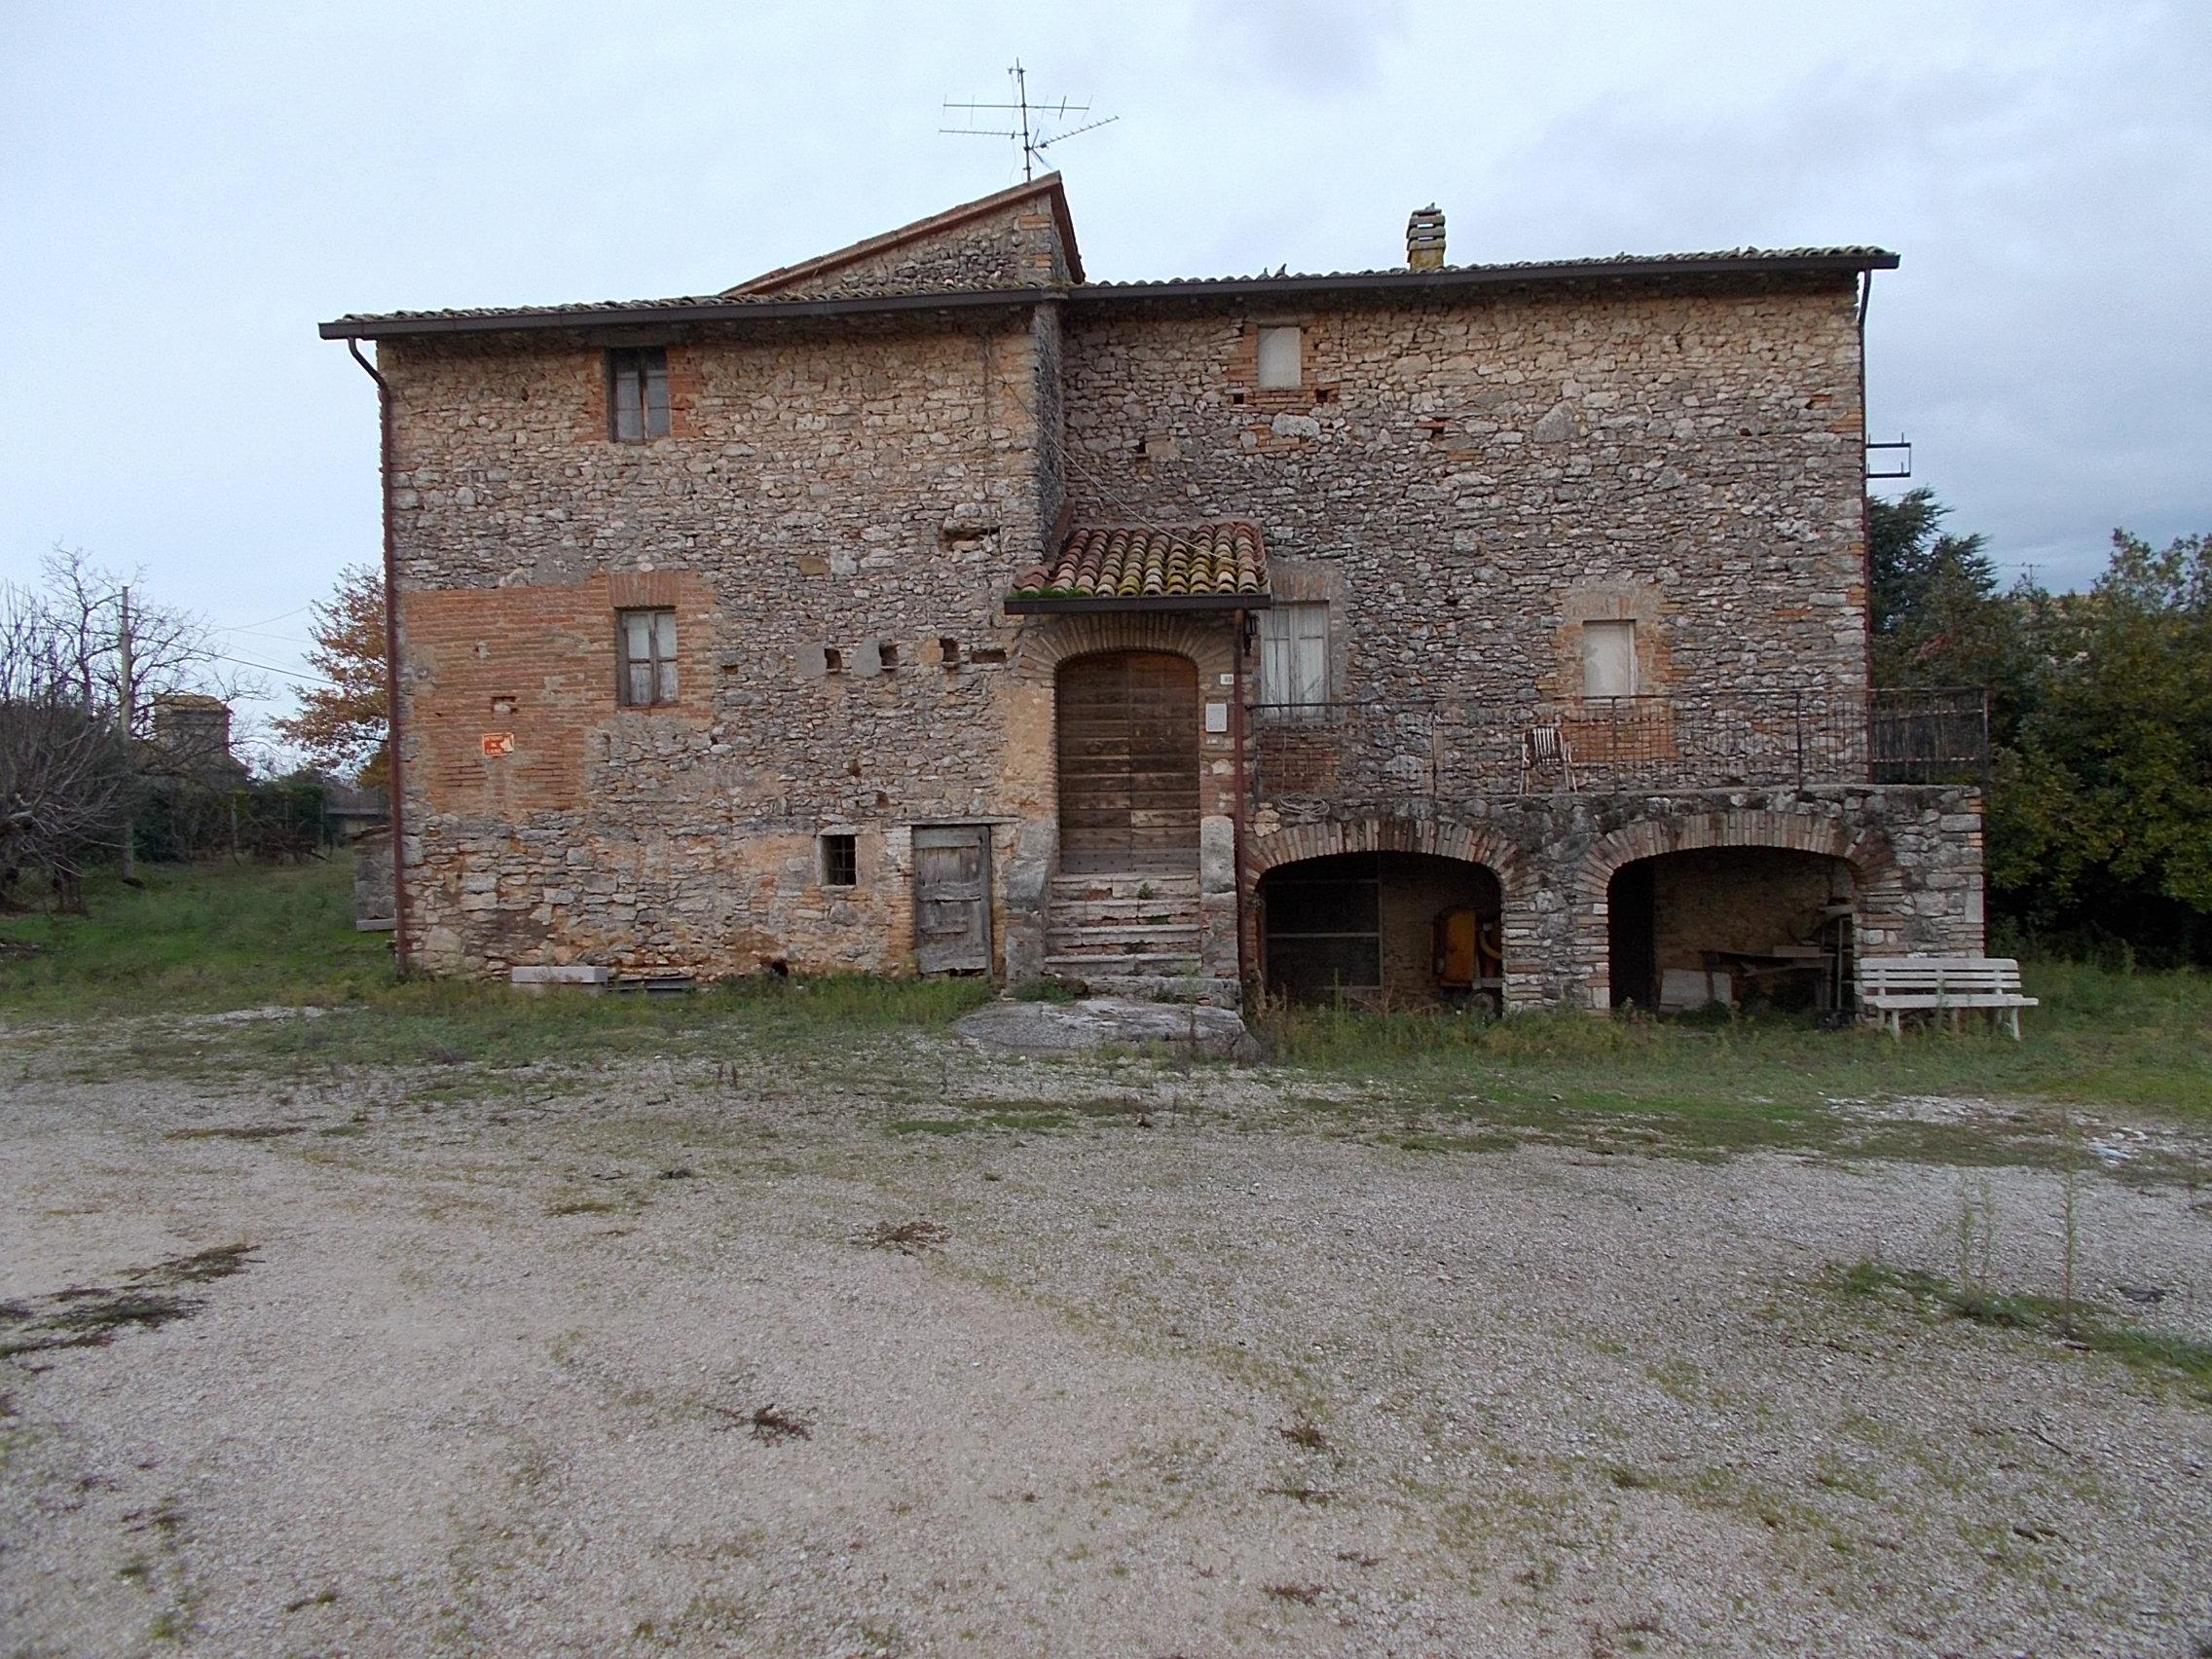 Agenzia immobiliare a todi - Agenzia immobiliare porta romana ...